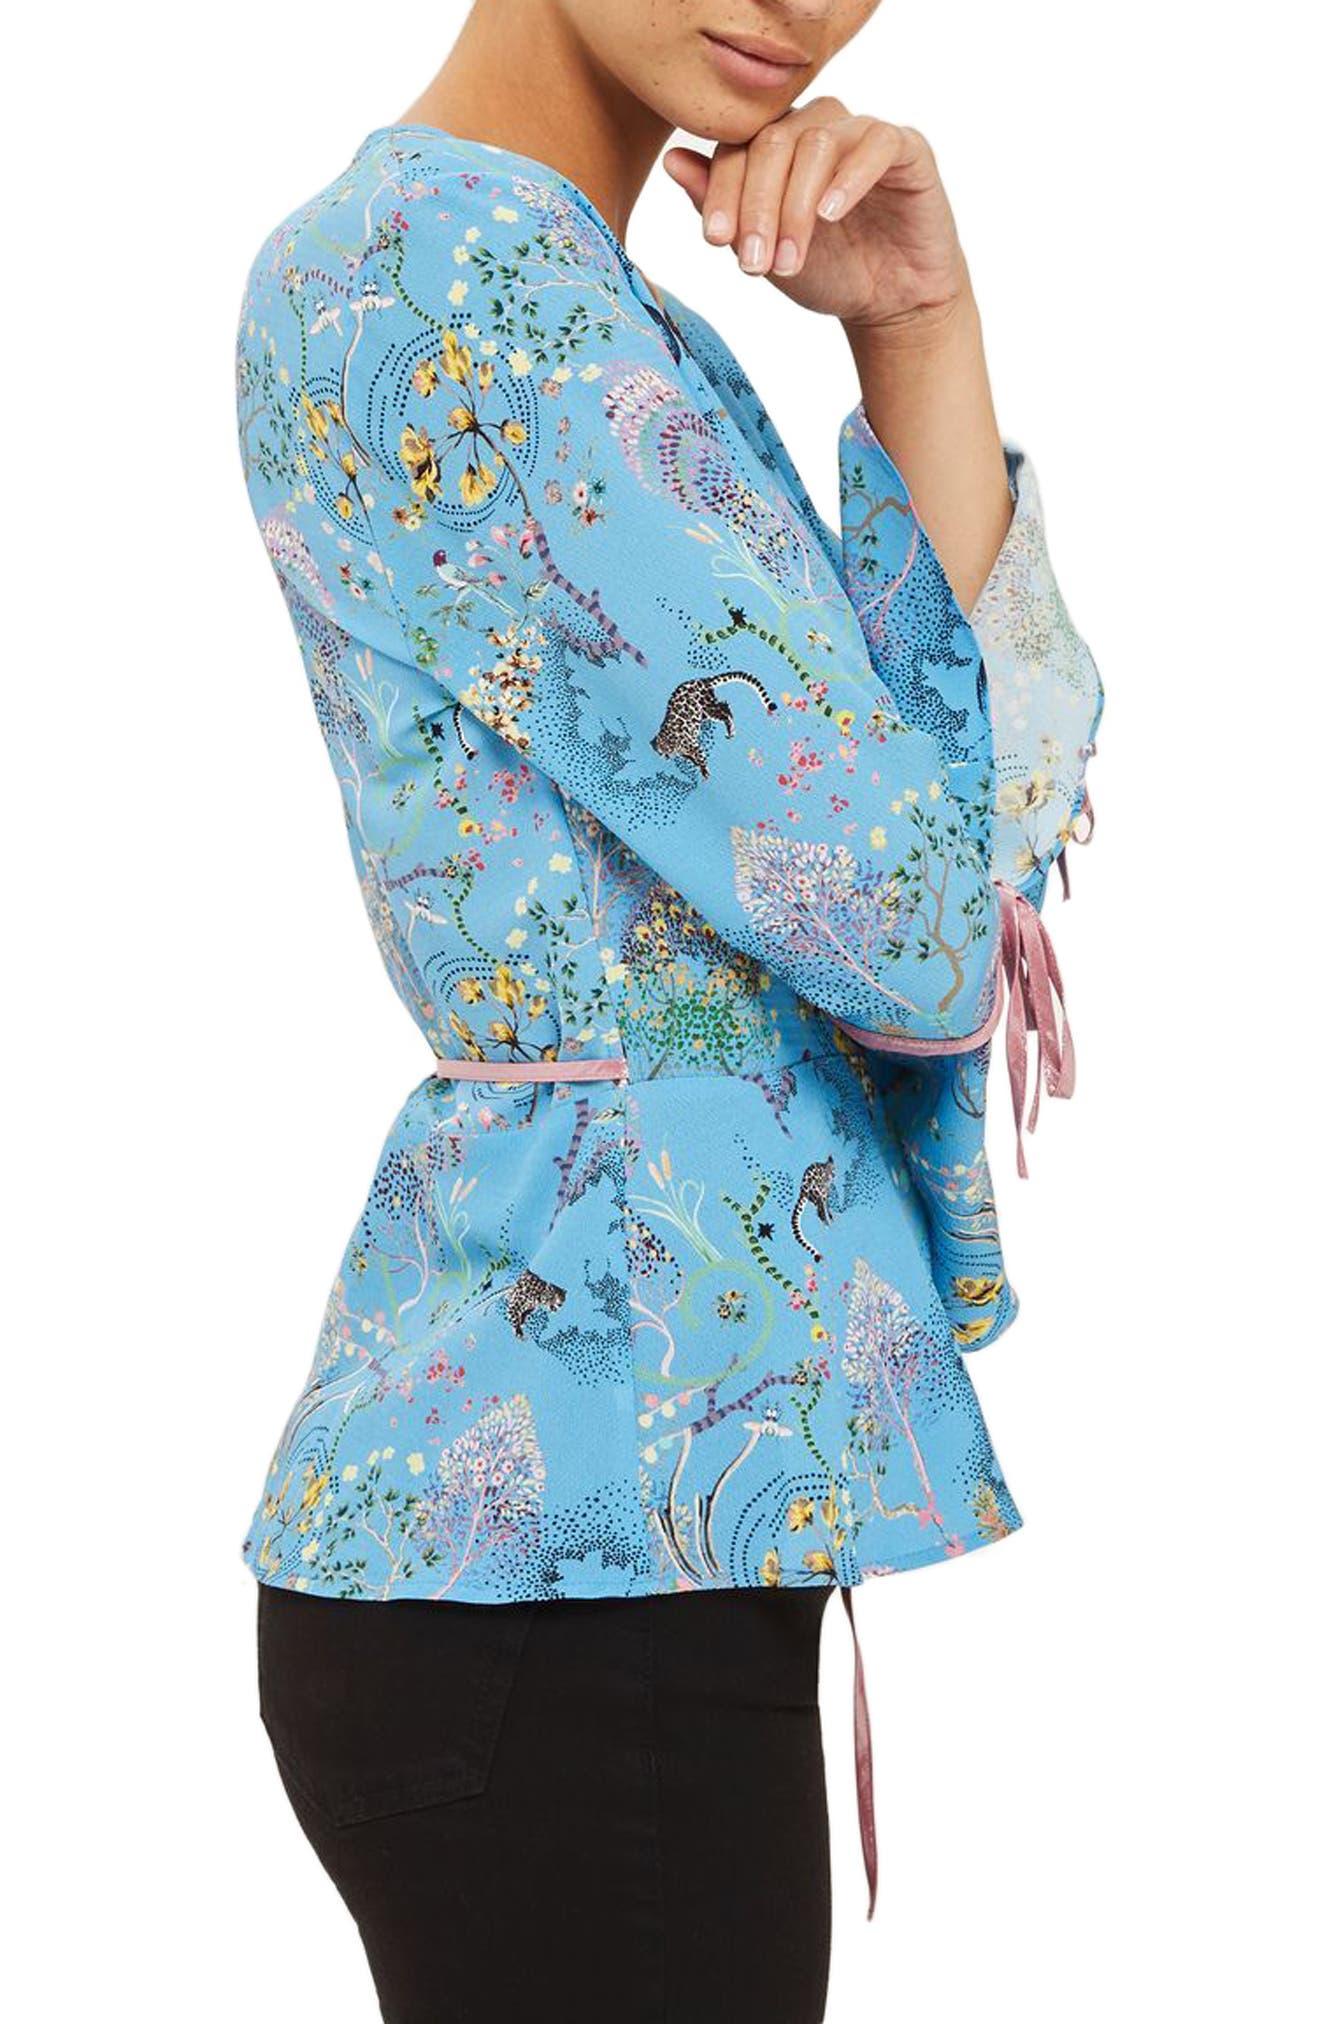 Magical Leopard Print Wrap Blouse,                             Alternate thumbnail 2, color,                             Blue Multi